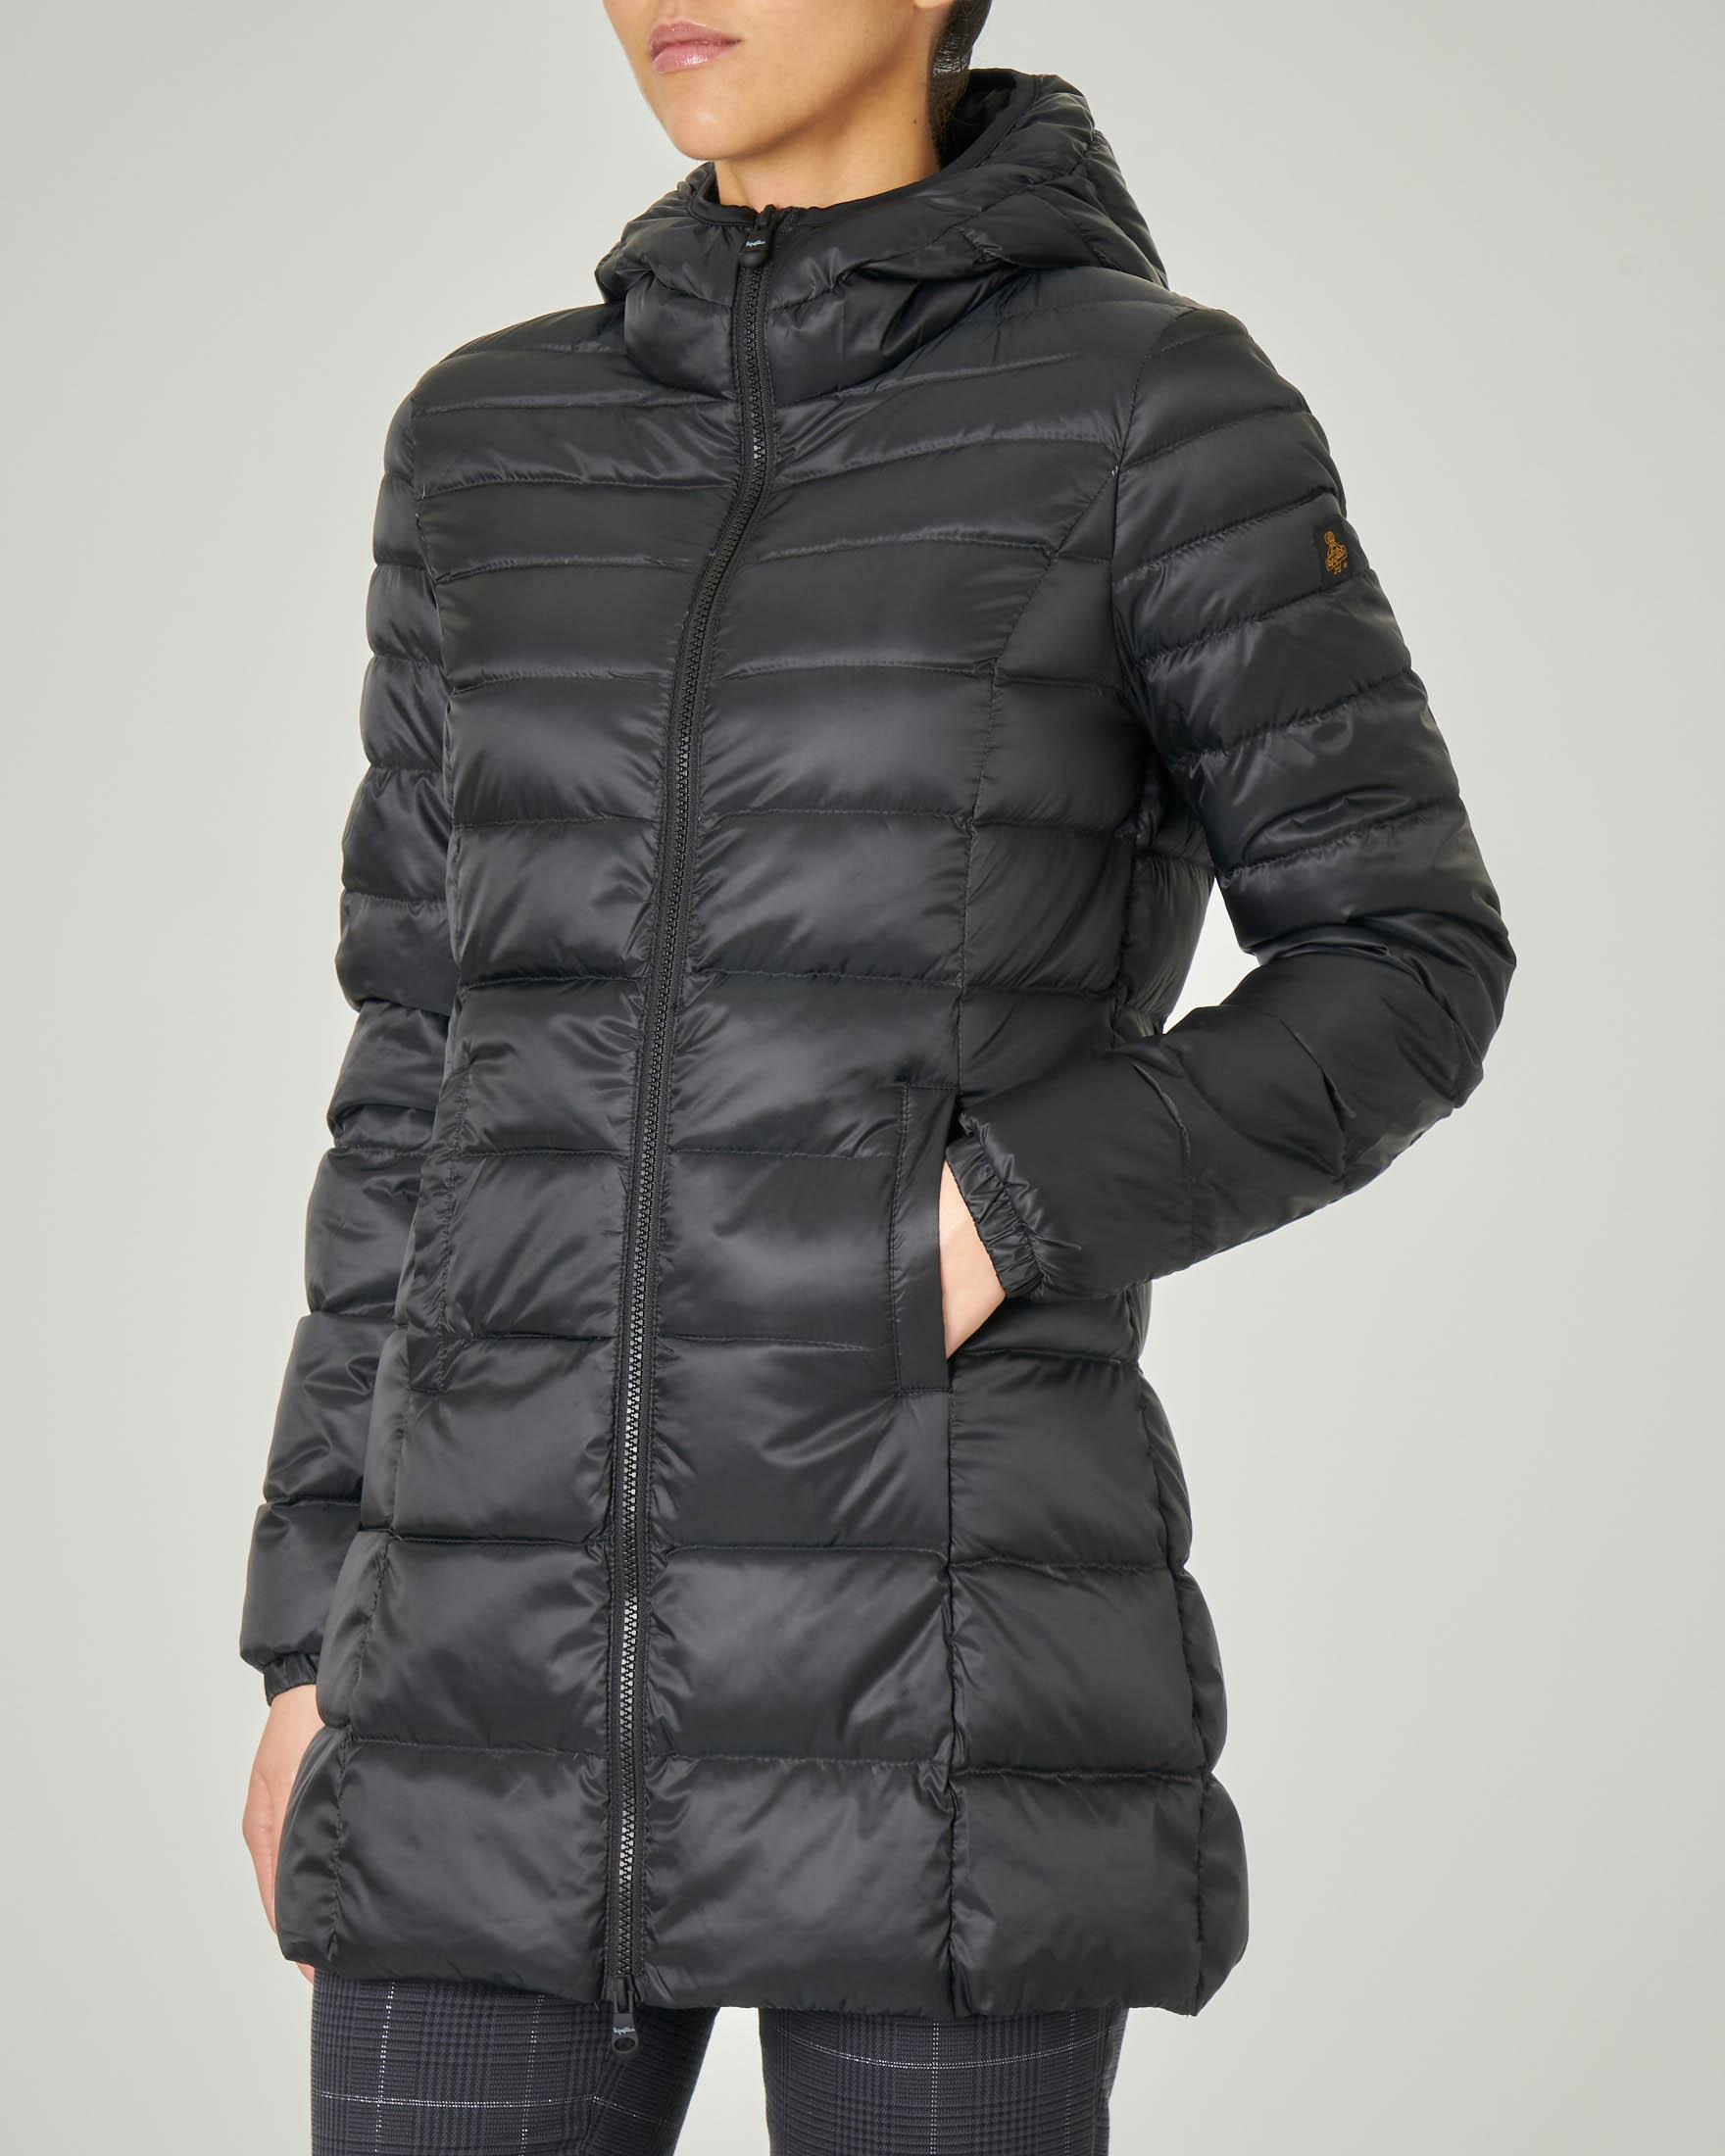 Piumino lunghezza media nero modello Long Mead Jacket con cappuccio fisso e linea sfiancata